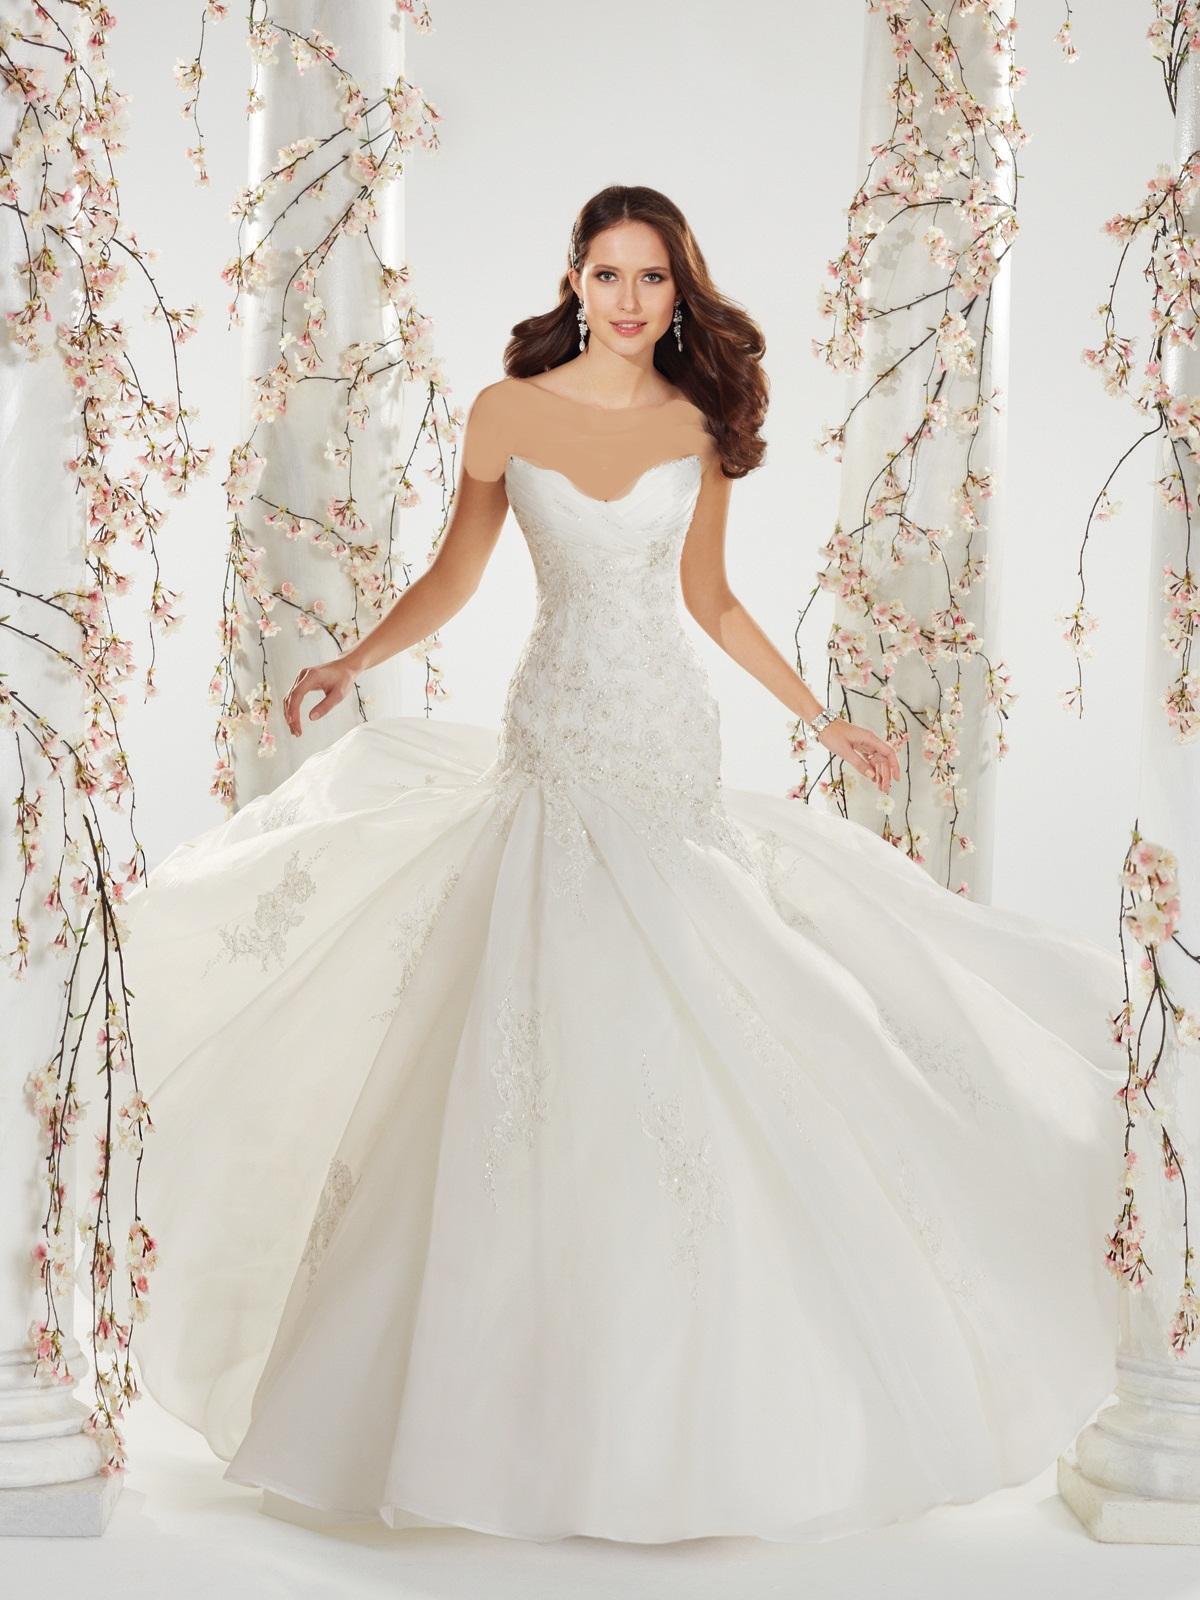 در پرو لباس عروس به این نکات توجه نمایید